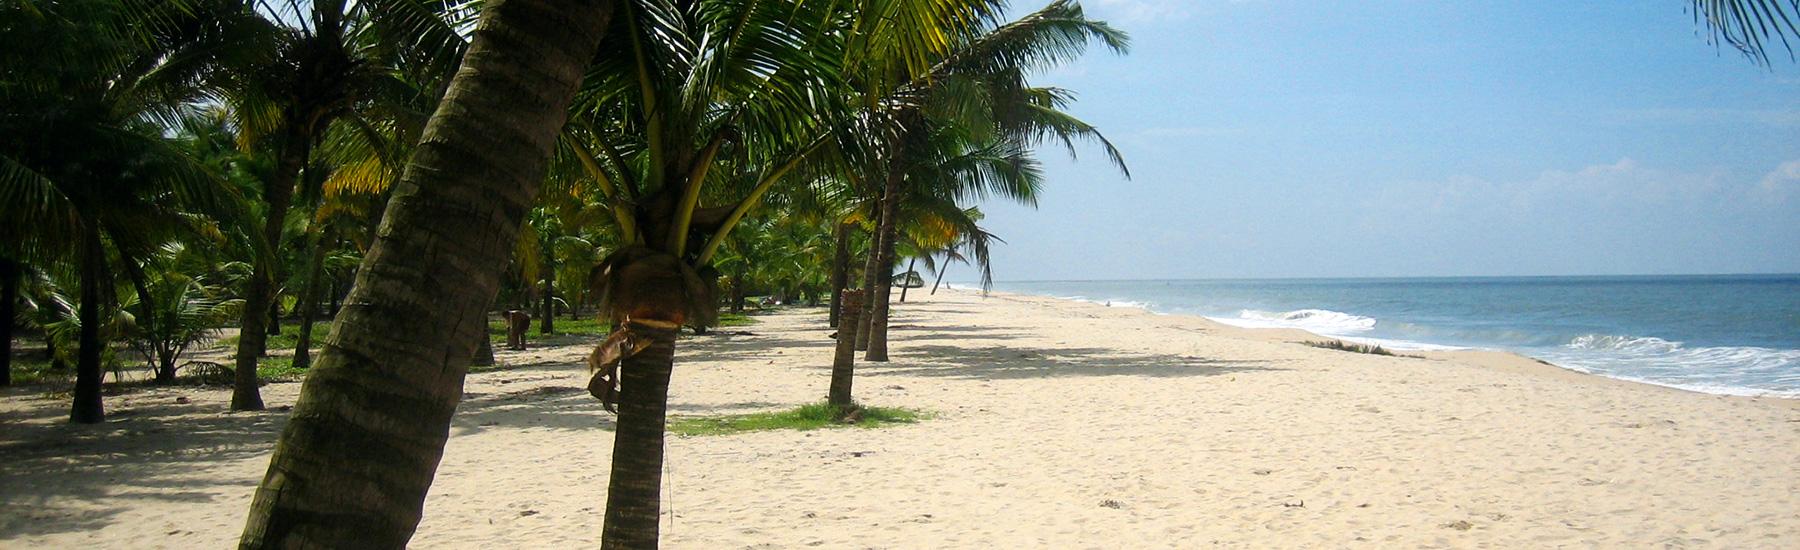 Strandküste bei Sonnenschein